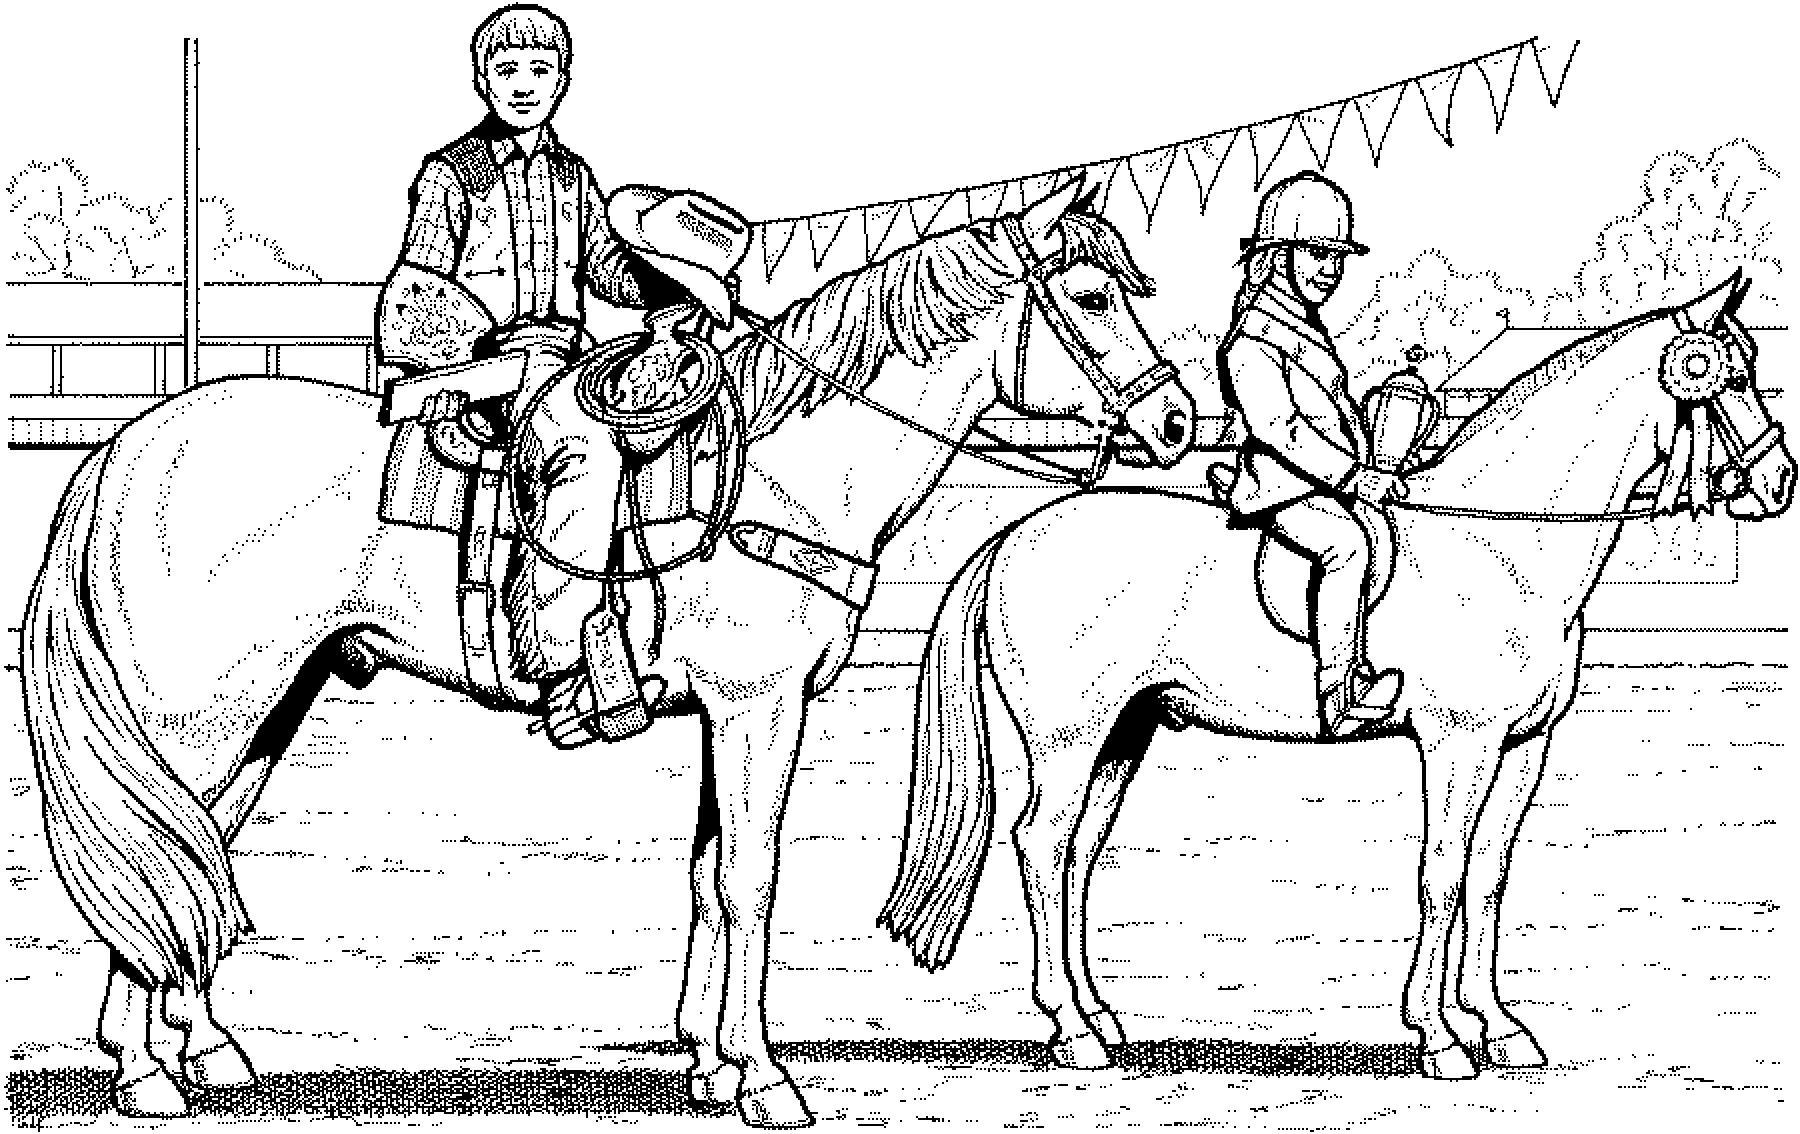 Großartig Malvorlage Pferderennen Fotos - Beispielzusammenfassung ...